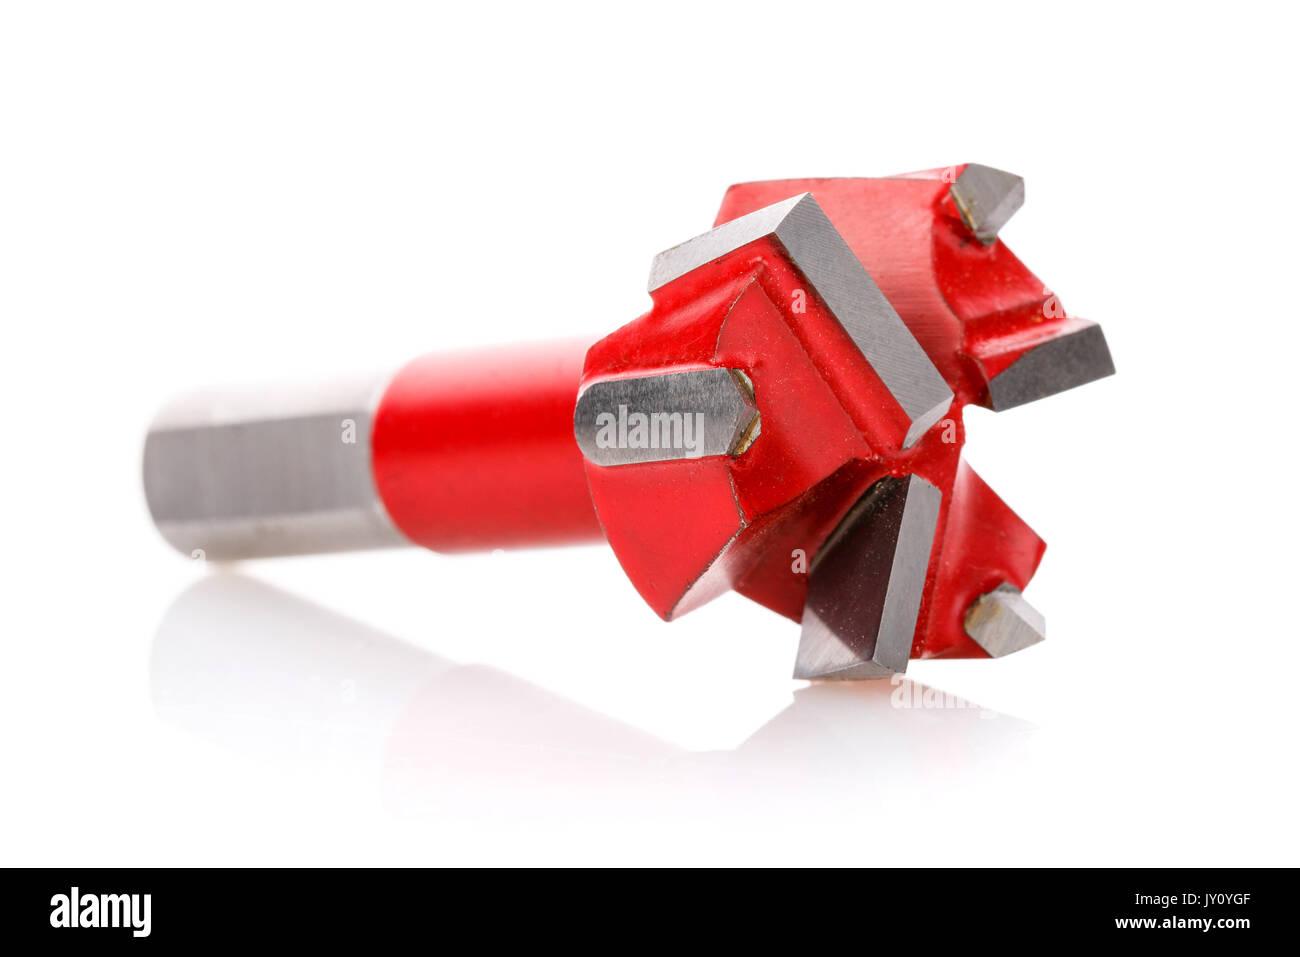 wood boring drill bit stockfotos & wood boring drill bit bilder - alamy